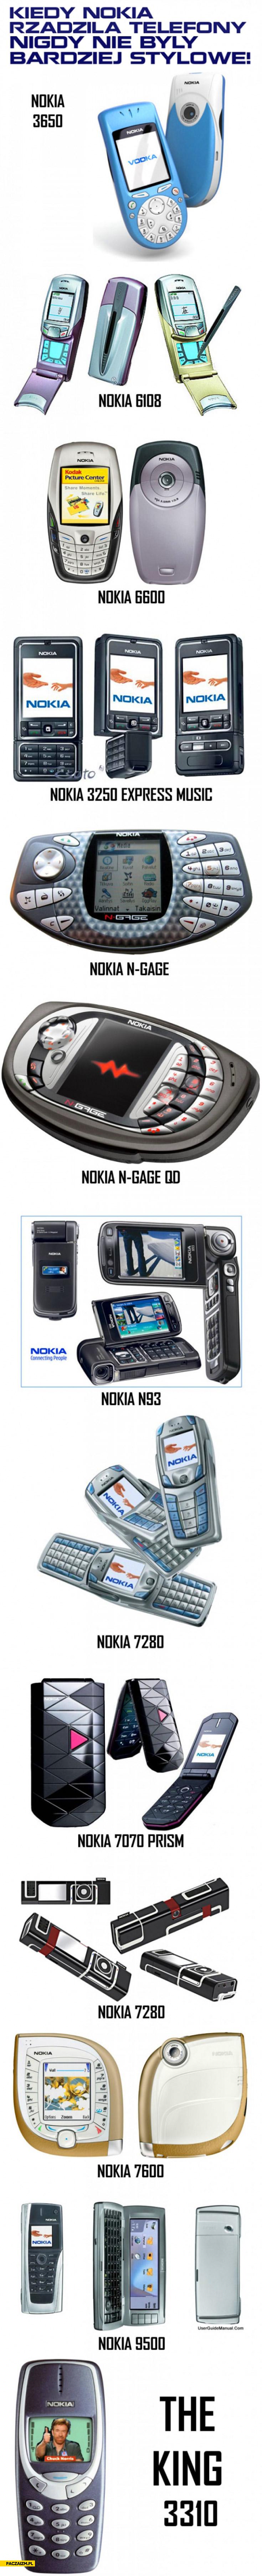 Kiedy Nokia rządziła telefony nigdy nie były bardziej stylowe